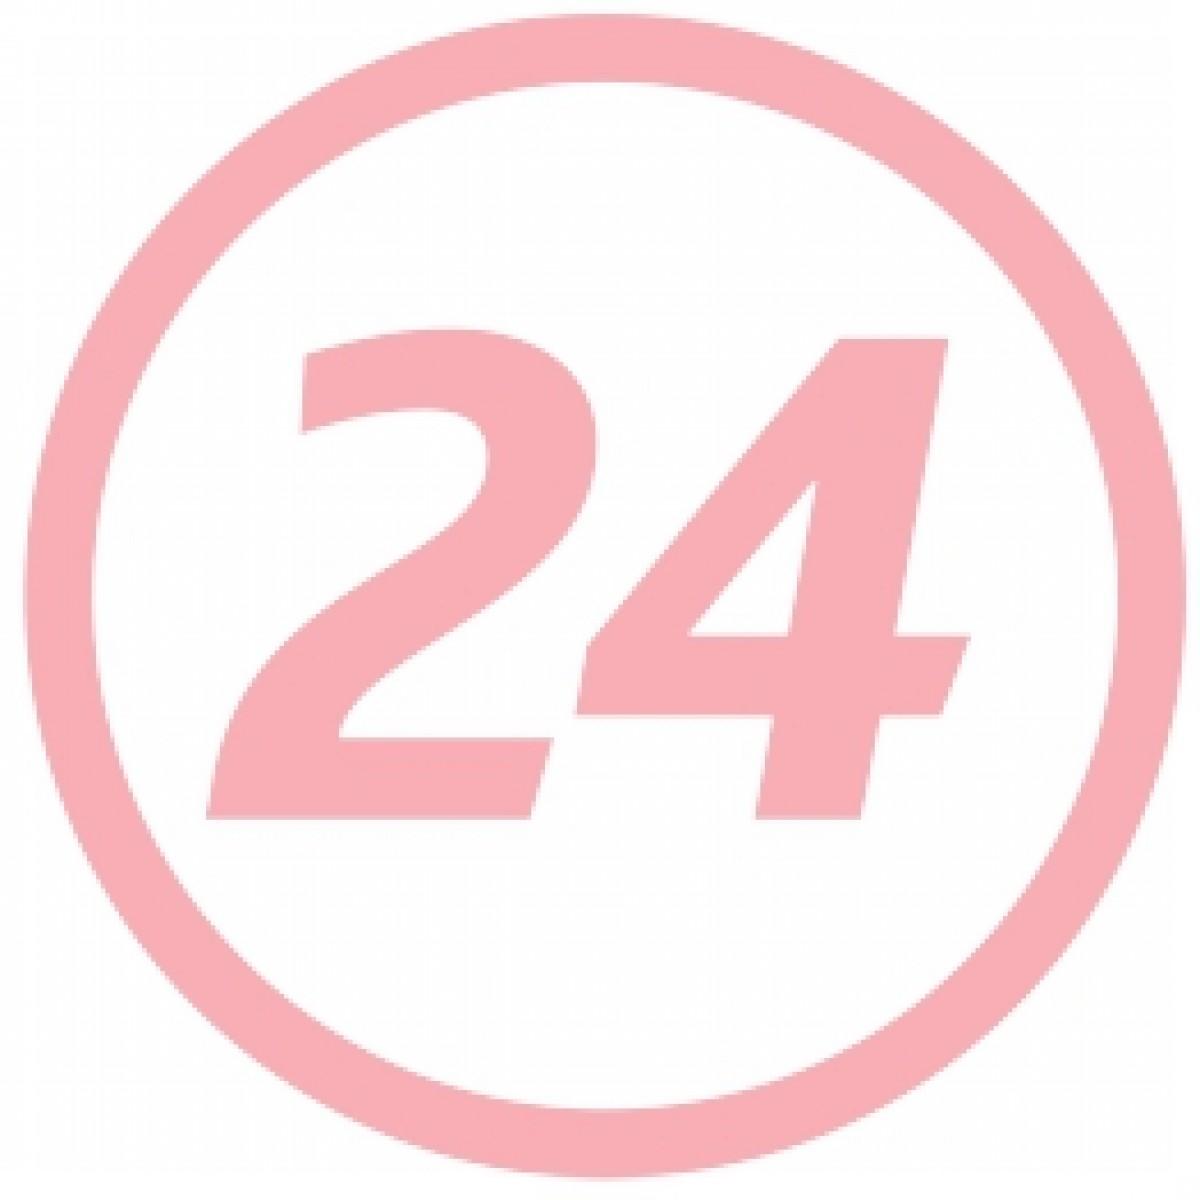 Vapour Rub Respir Usor, Unguent, 24 gr